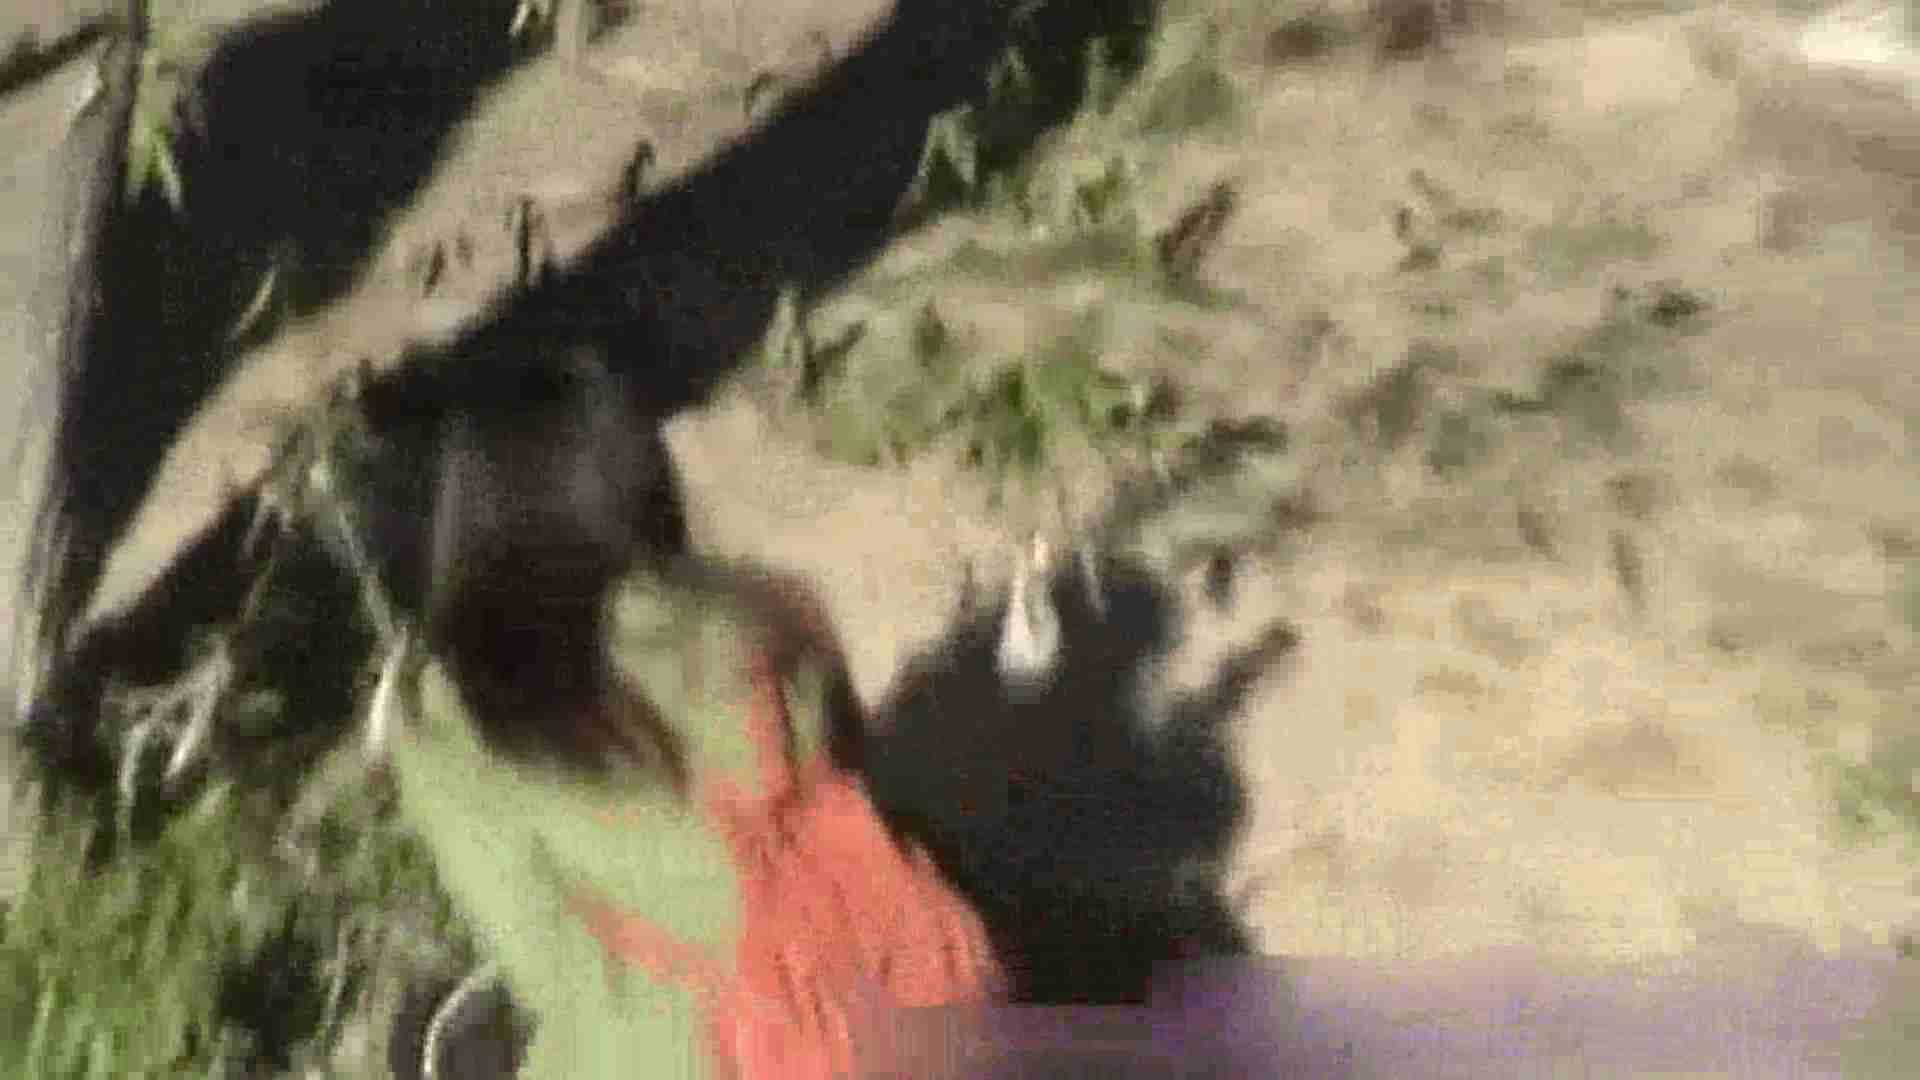 ハプニングッド!妖精達のオシッコ Vol.03 美しいOLの裸体 ワレメ無修正動画無料 83pic 8